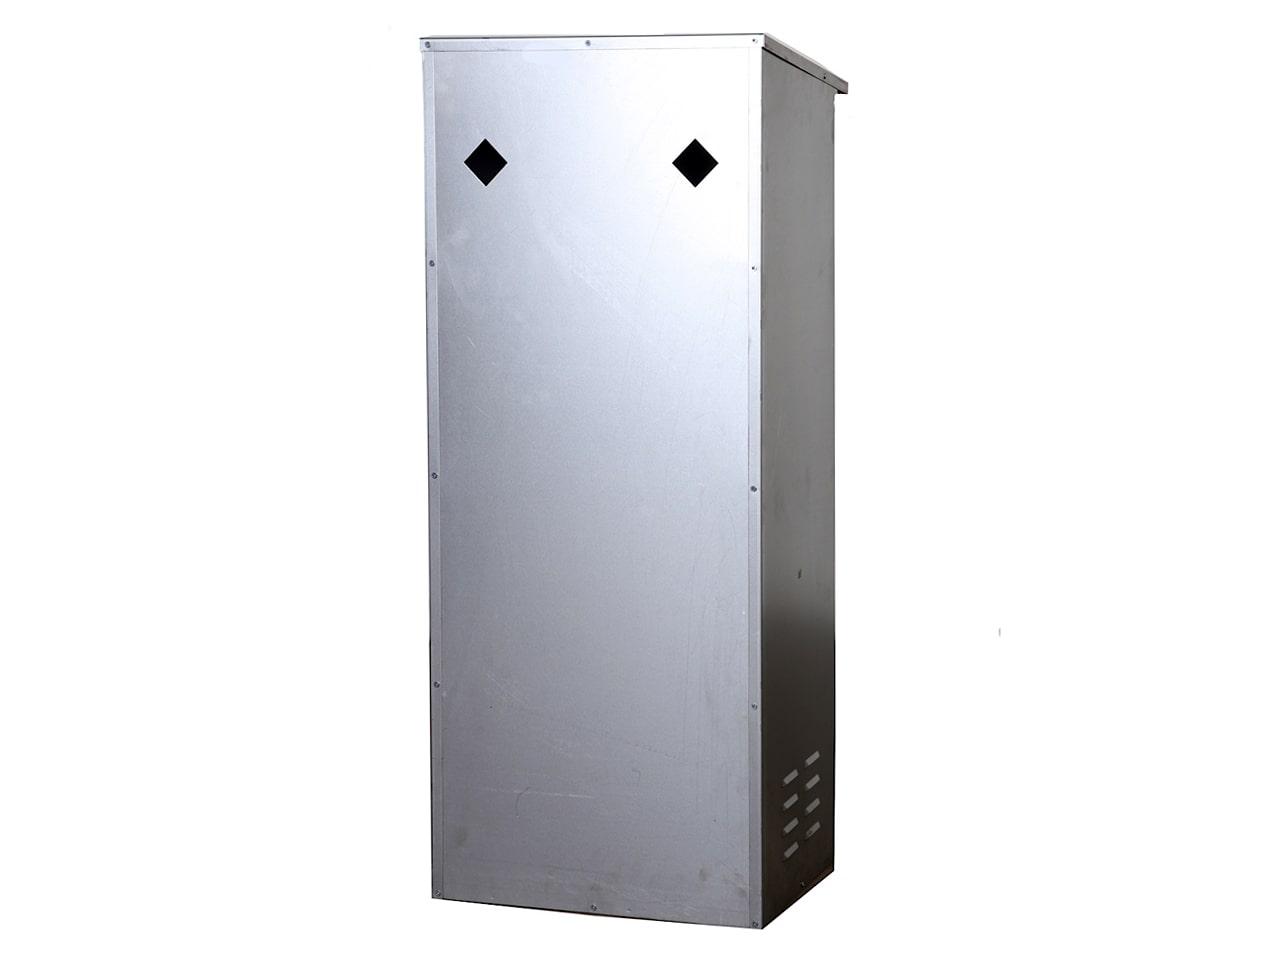 Металлический шкаф для газового баллона с креплением к стене